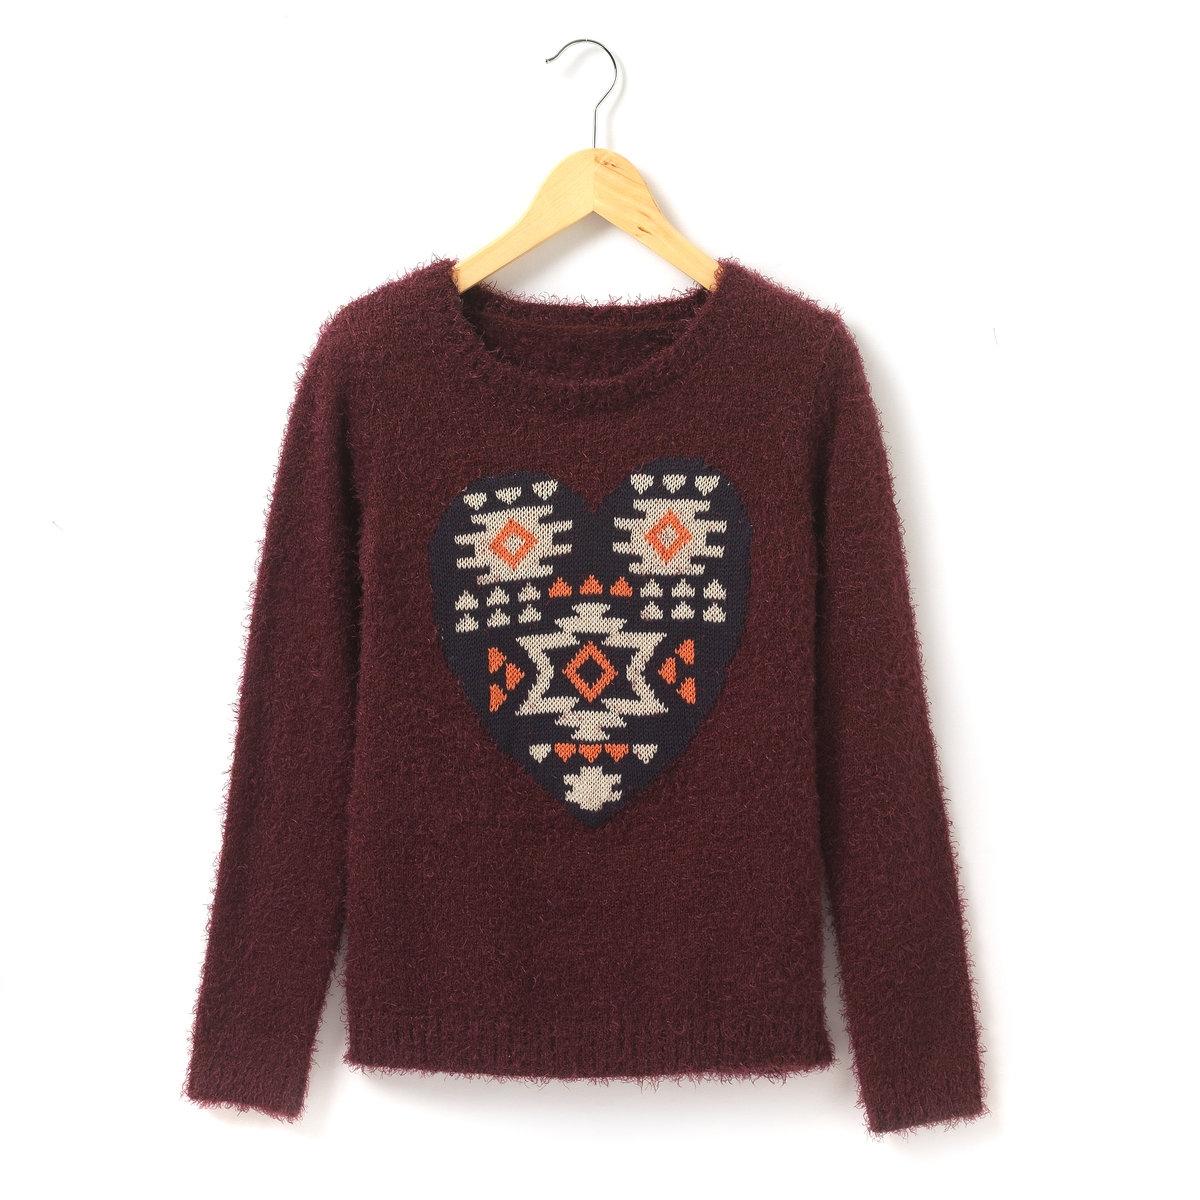 Пуловер из ворсистой ткани, сердце с этническим узоромПуловер из ворсистой ткани с длинными рукавами. Большая аппликация в виде сердца спереди.65% полиэстера, 35% акрила.<br><br>Цвет: фиолетовый<br>Размер: 12 лет -150 см